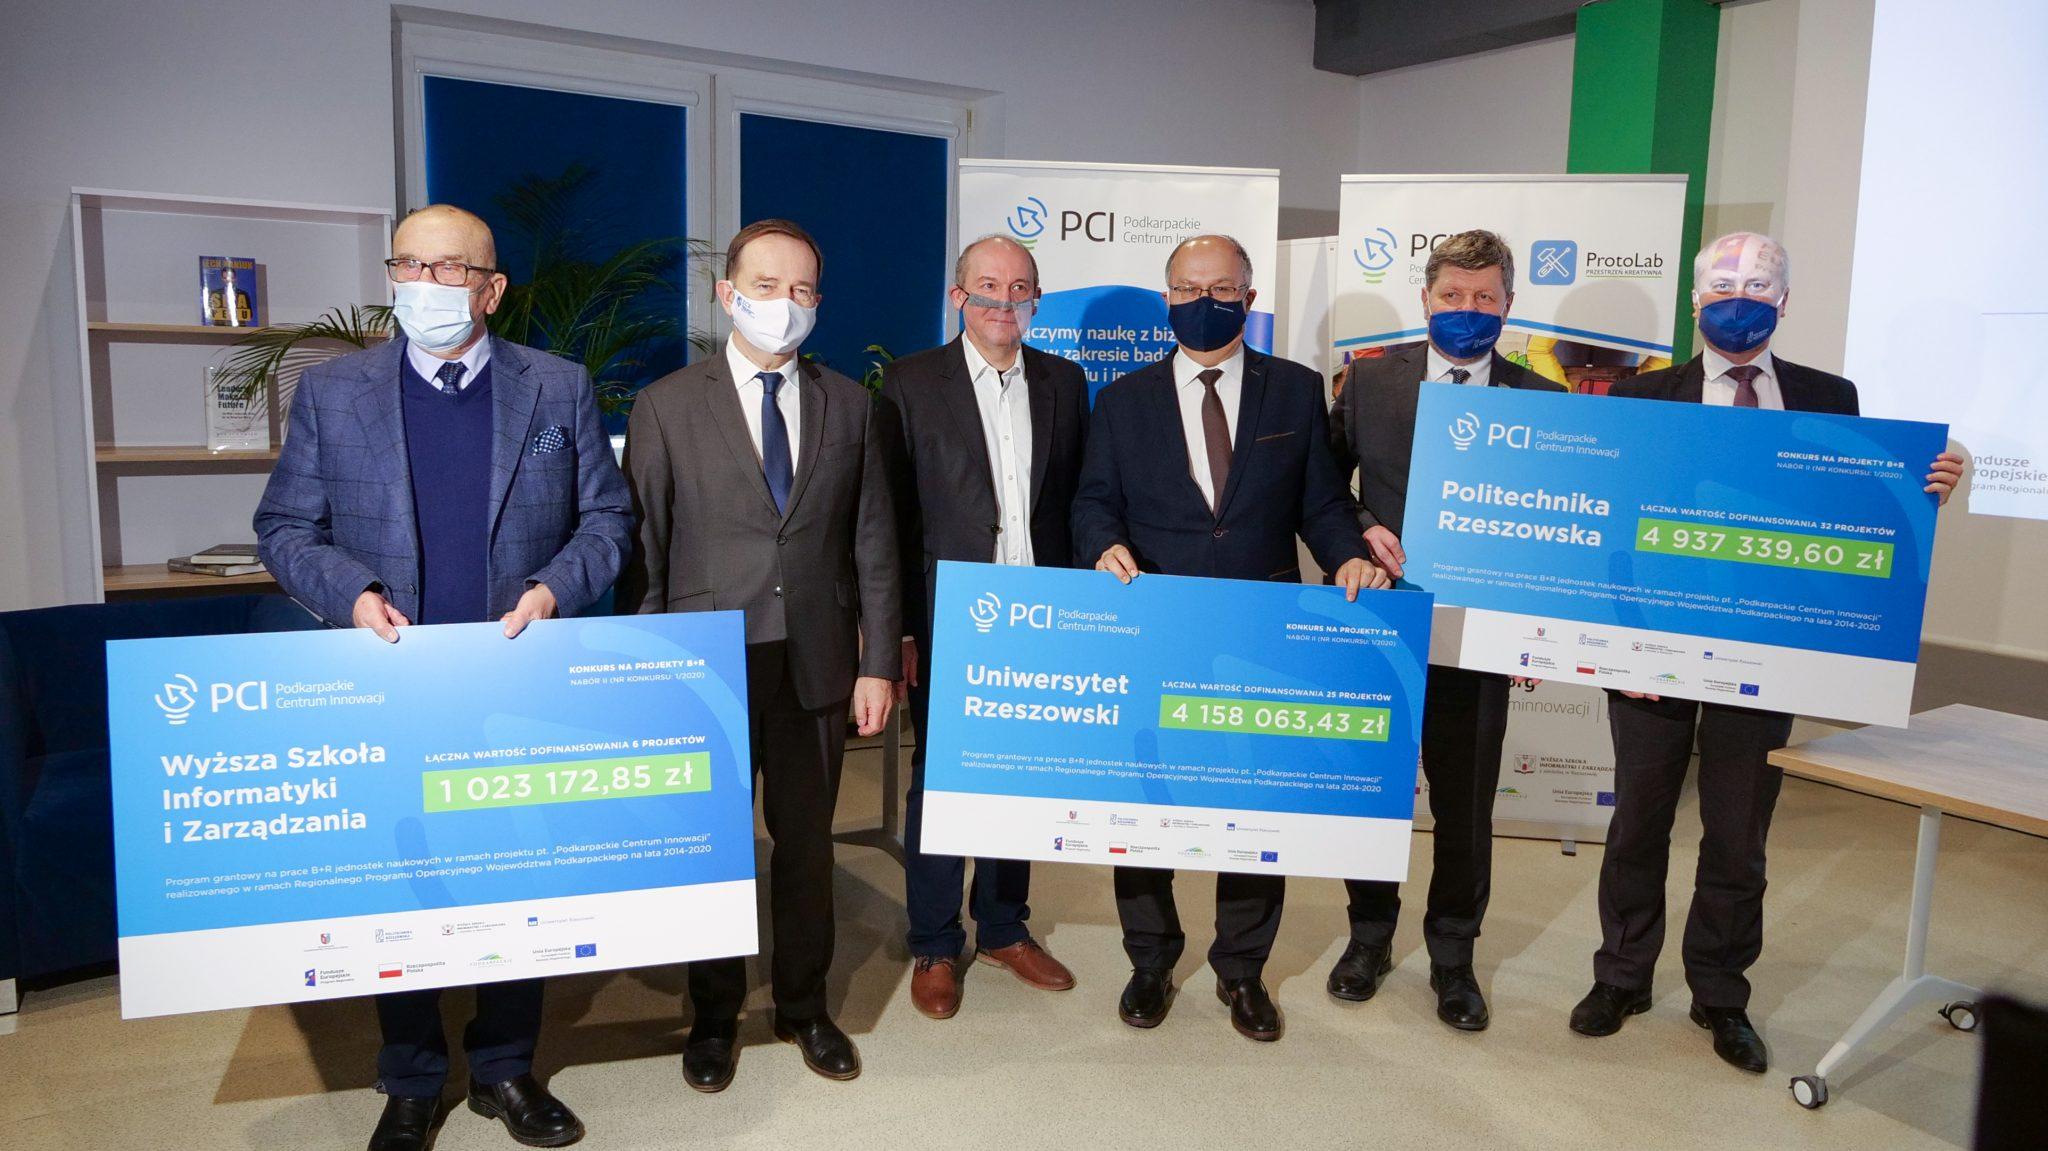 Podkarpackie Centrum Innowacji - Odbiór czeków